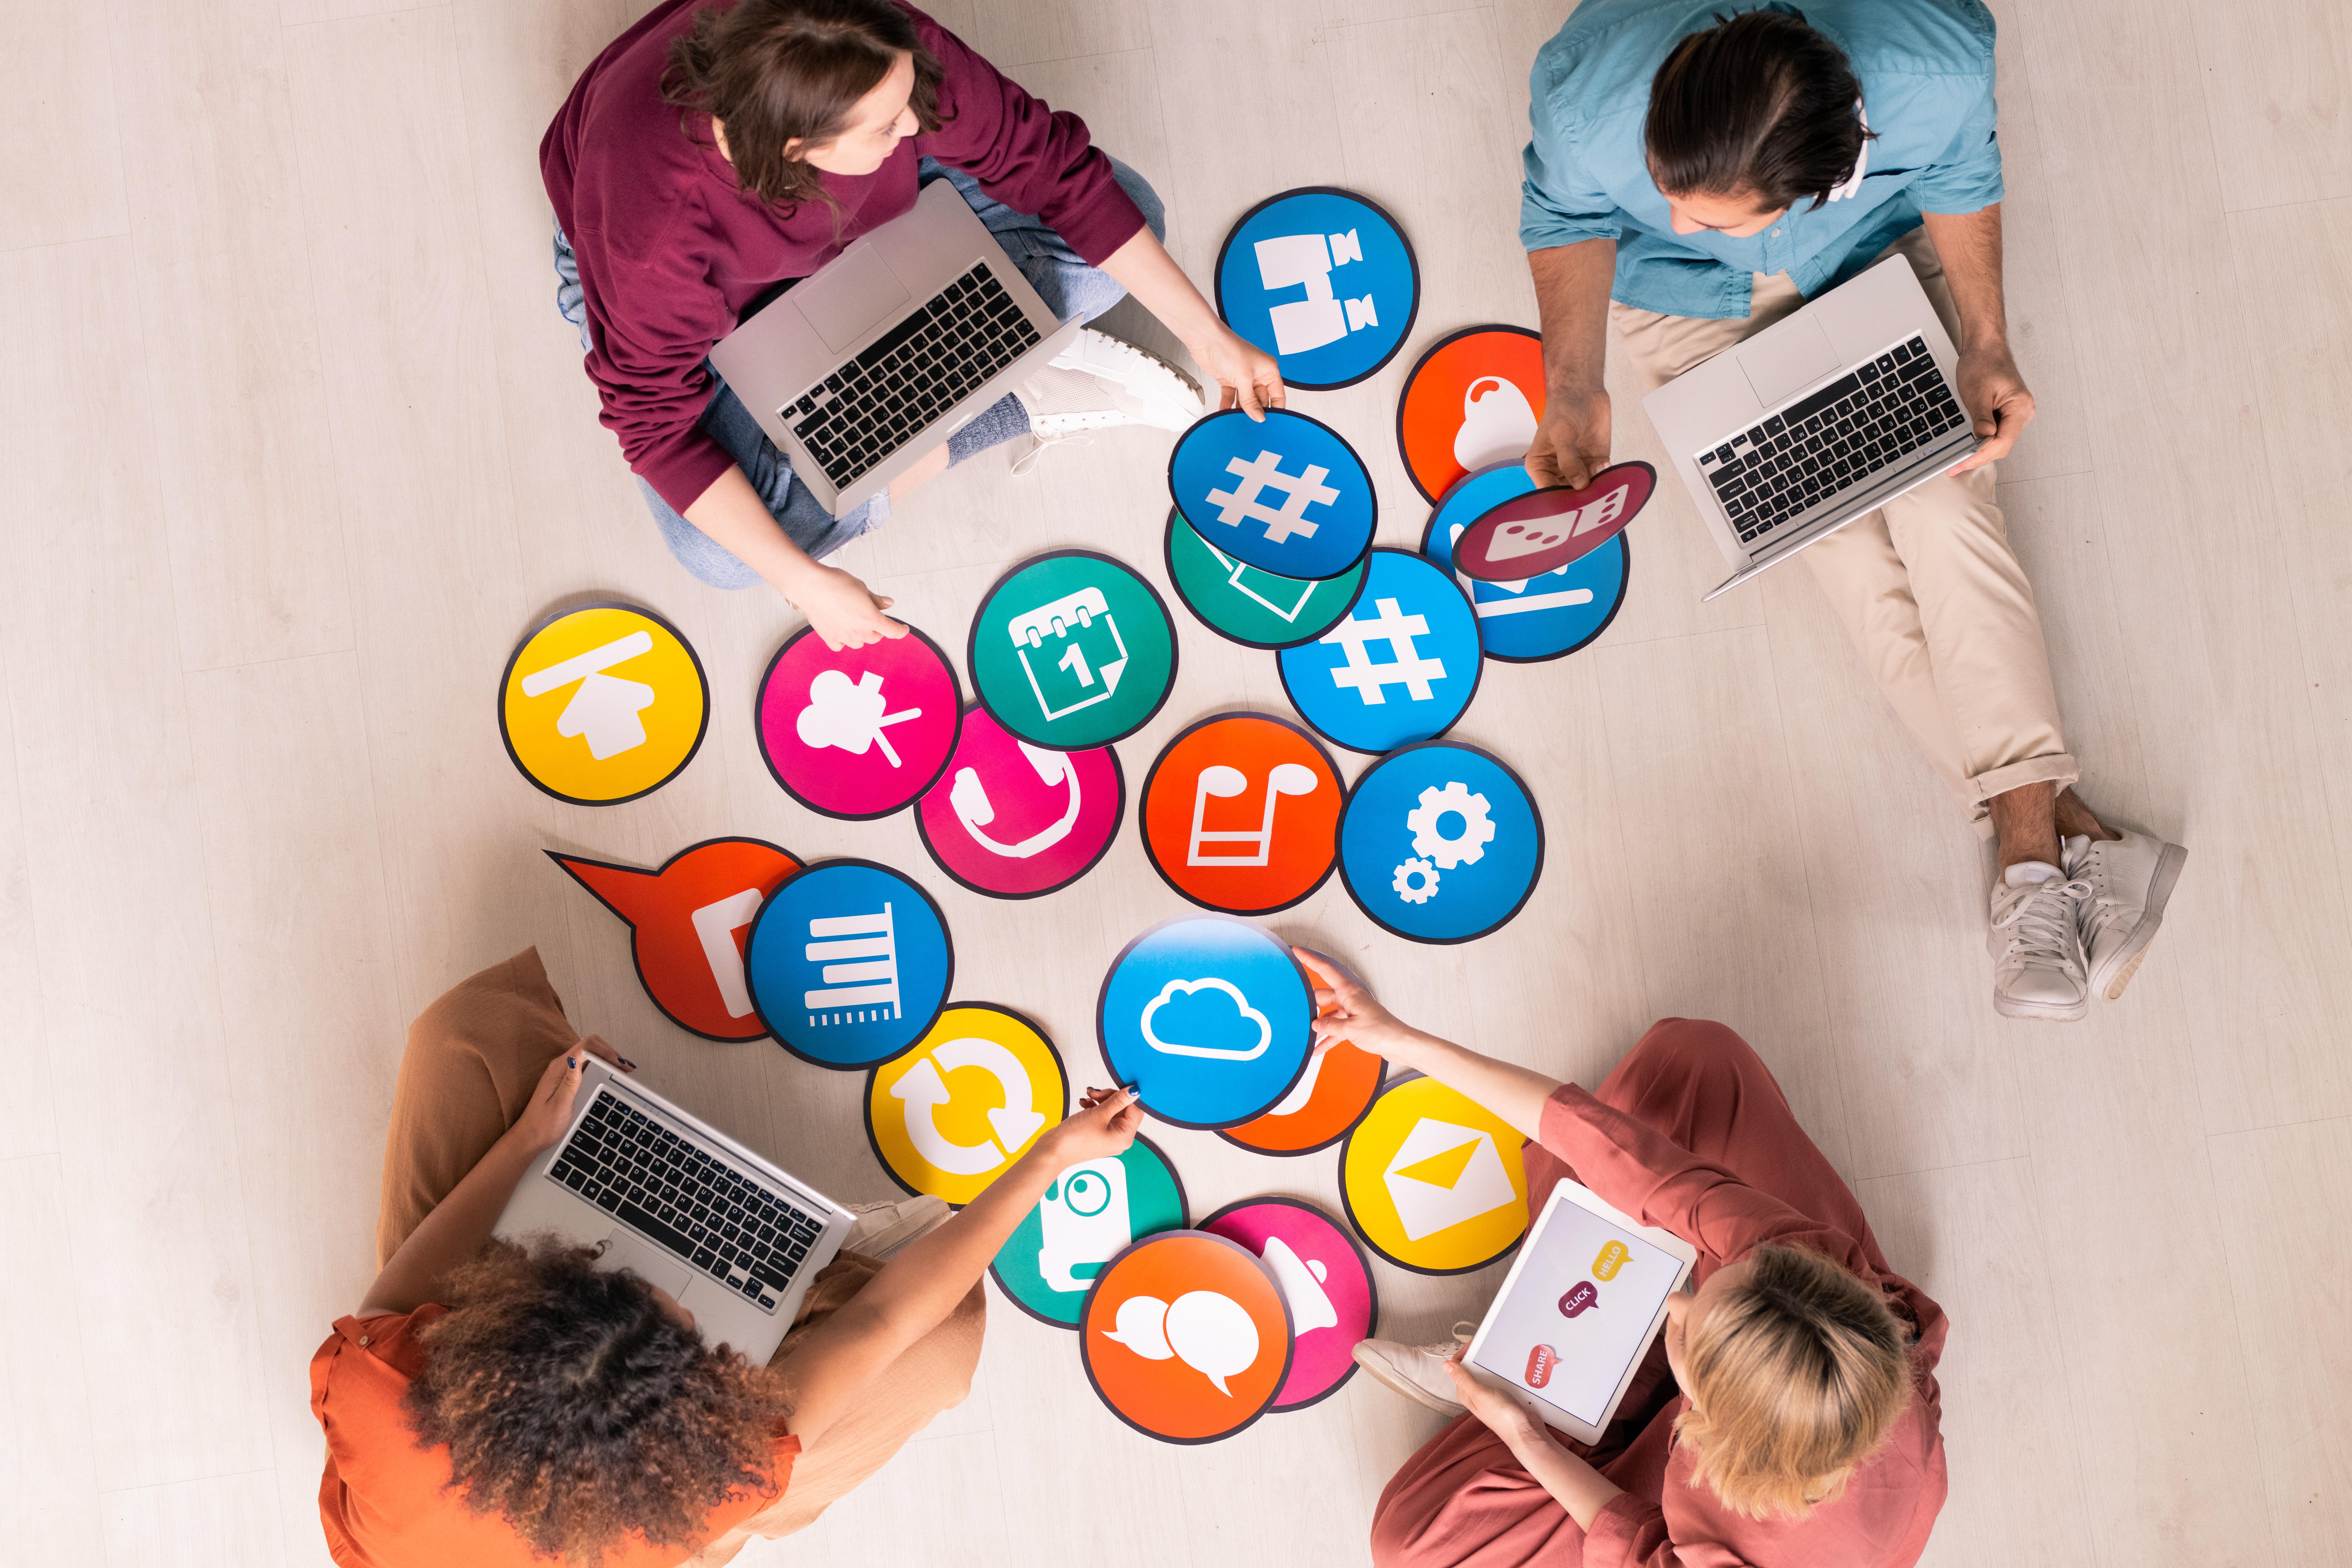 persoans con ordenadores e iconos de marketing digital